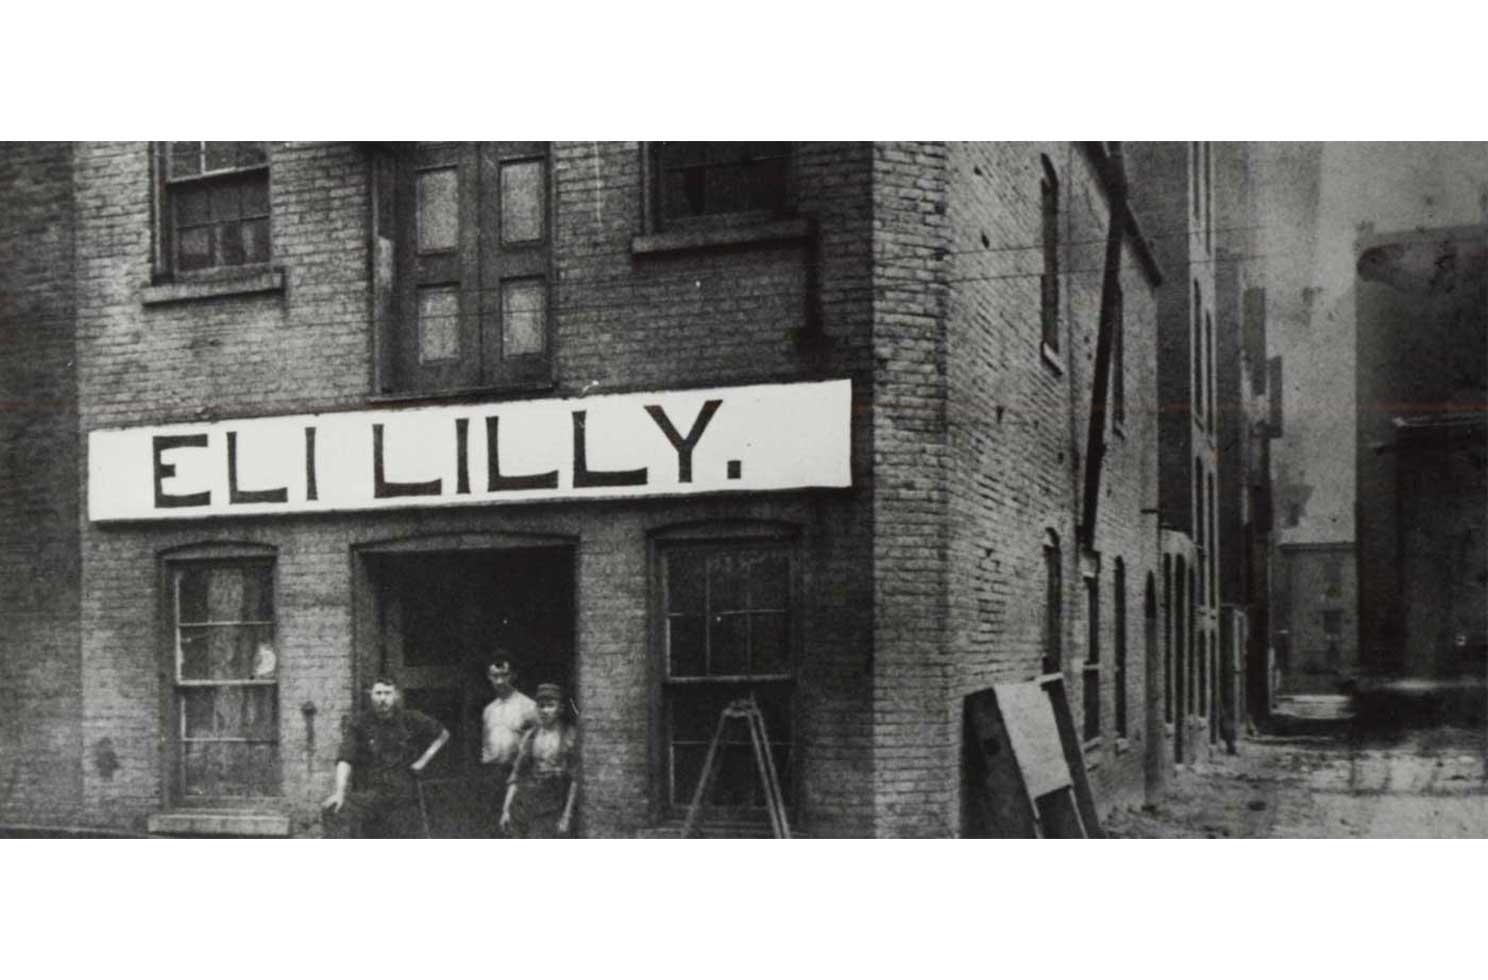 リリー創業時の建物